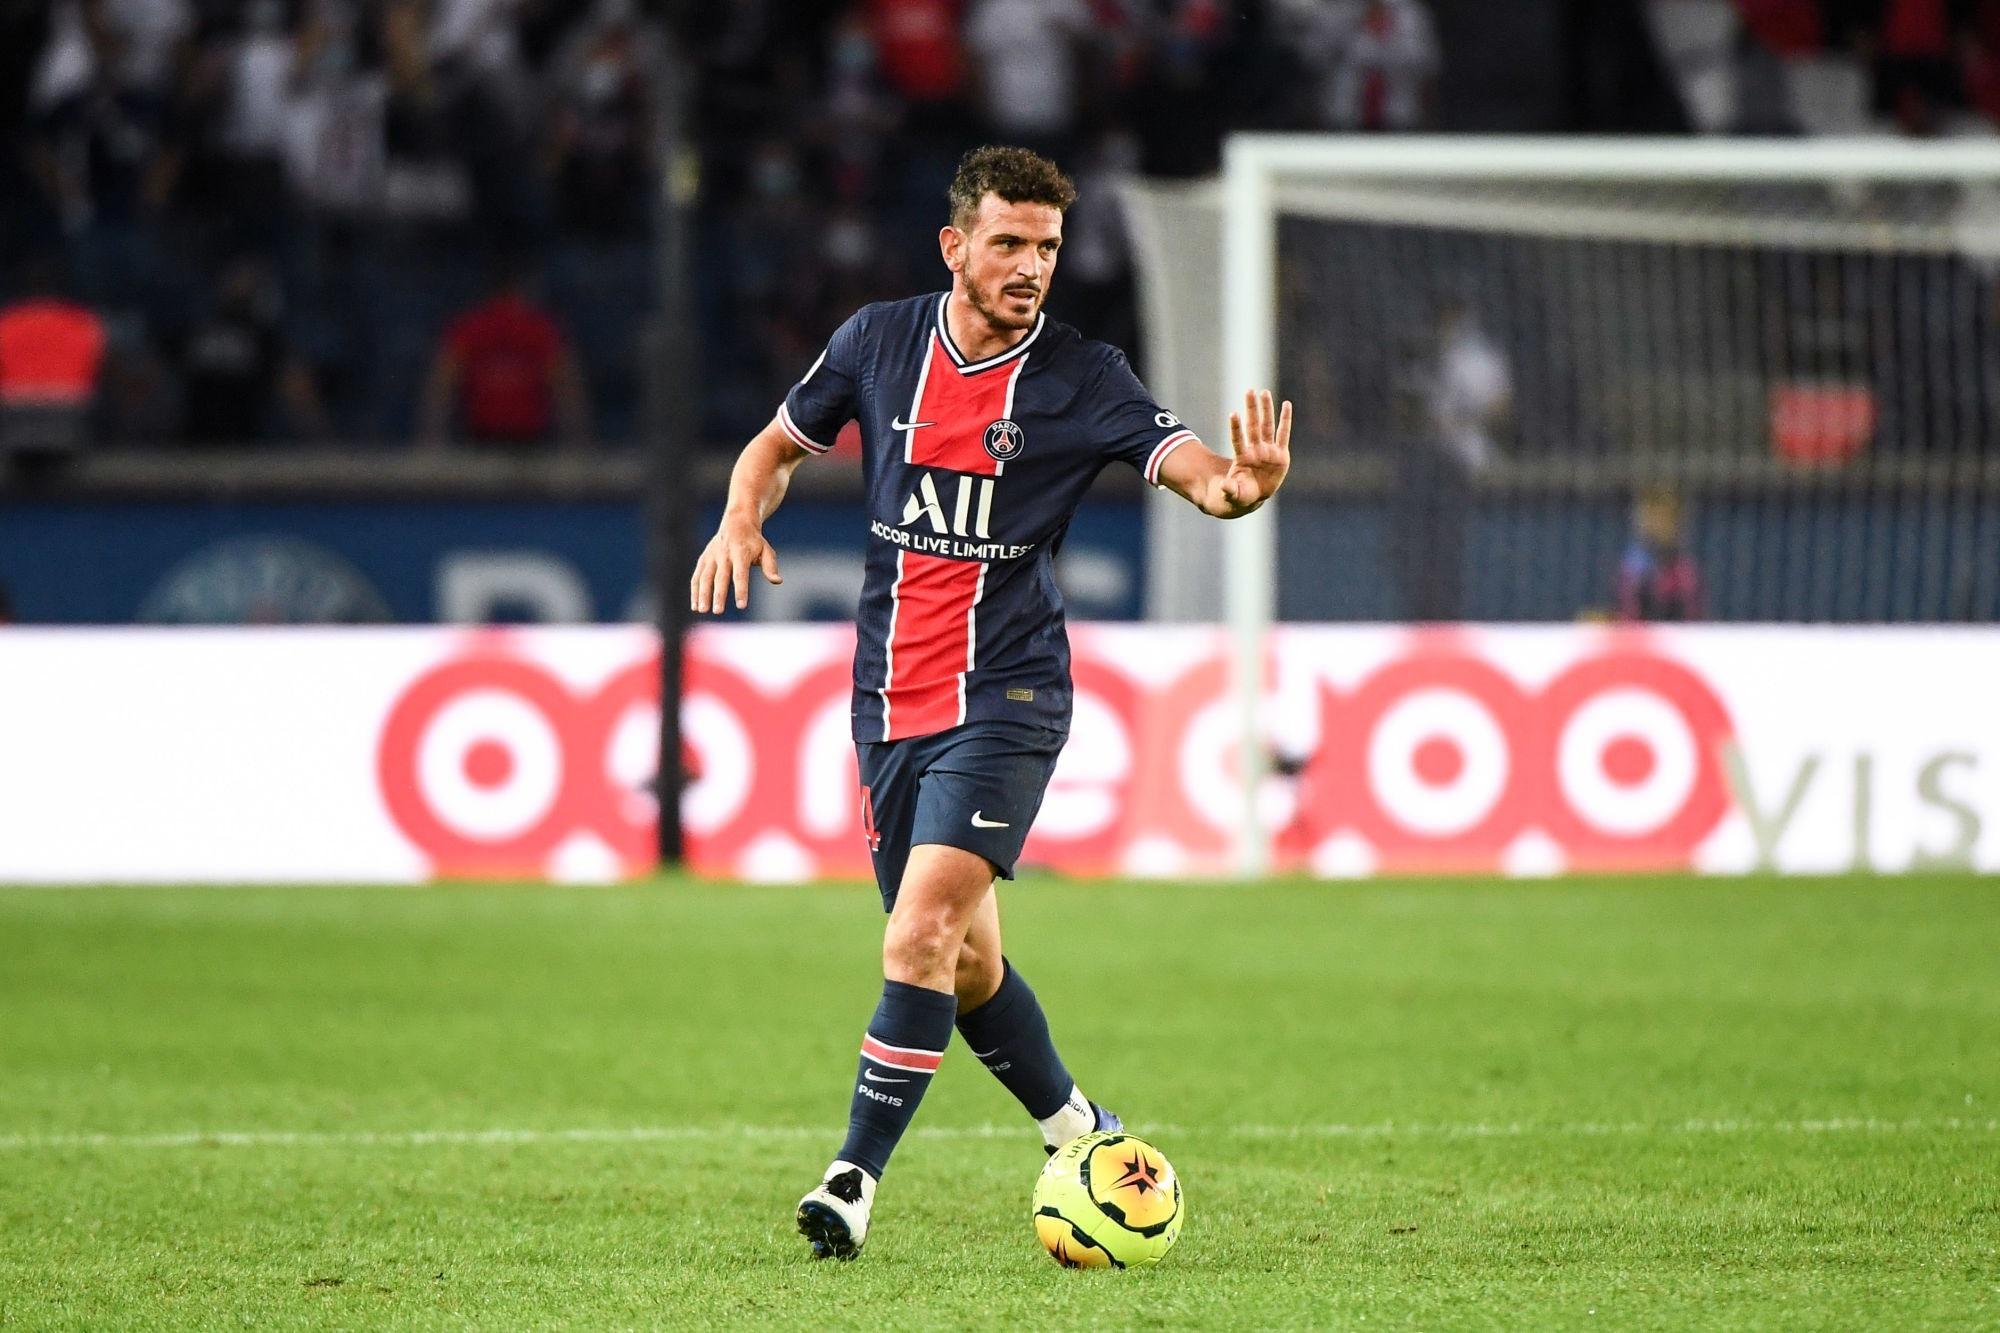 Mercato - Florenzi évoqué en probable remplaçant de Hakimi à l'Inter